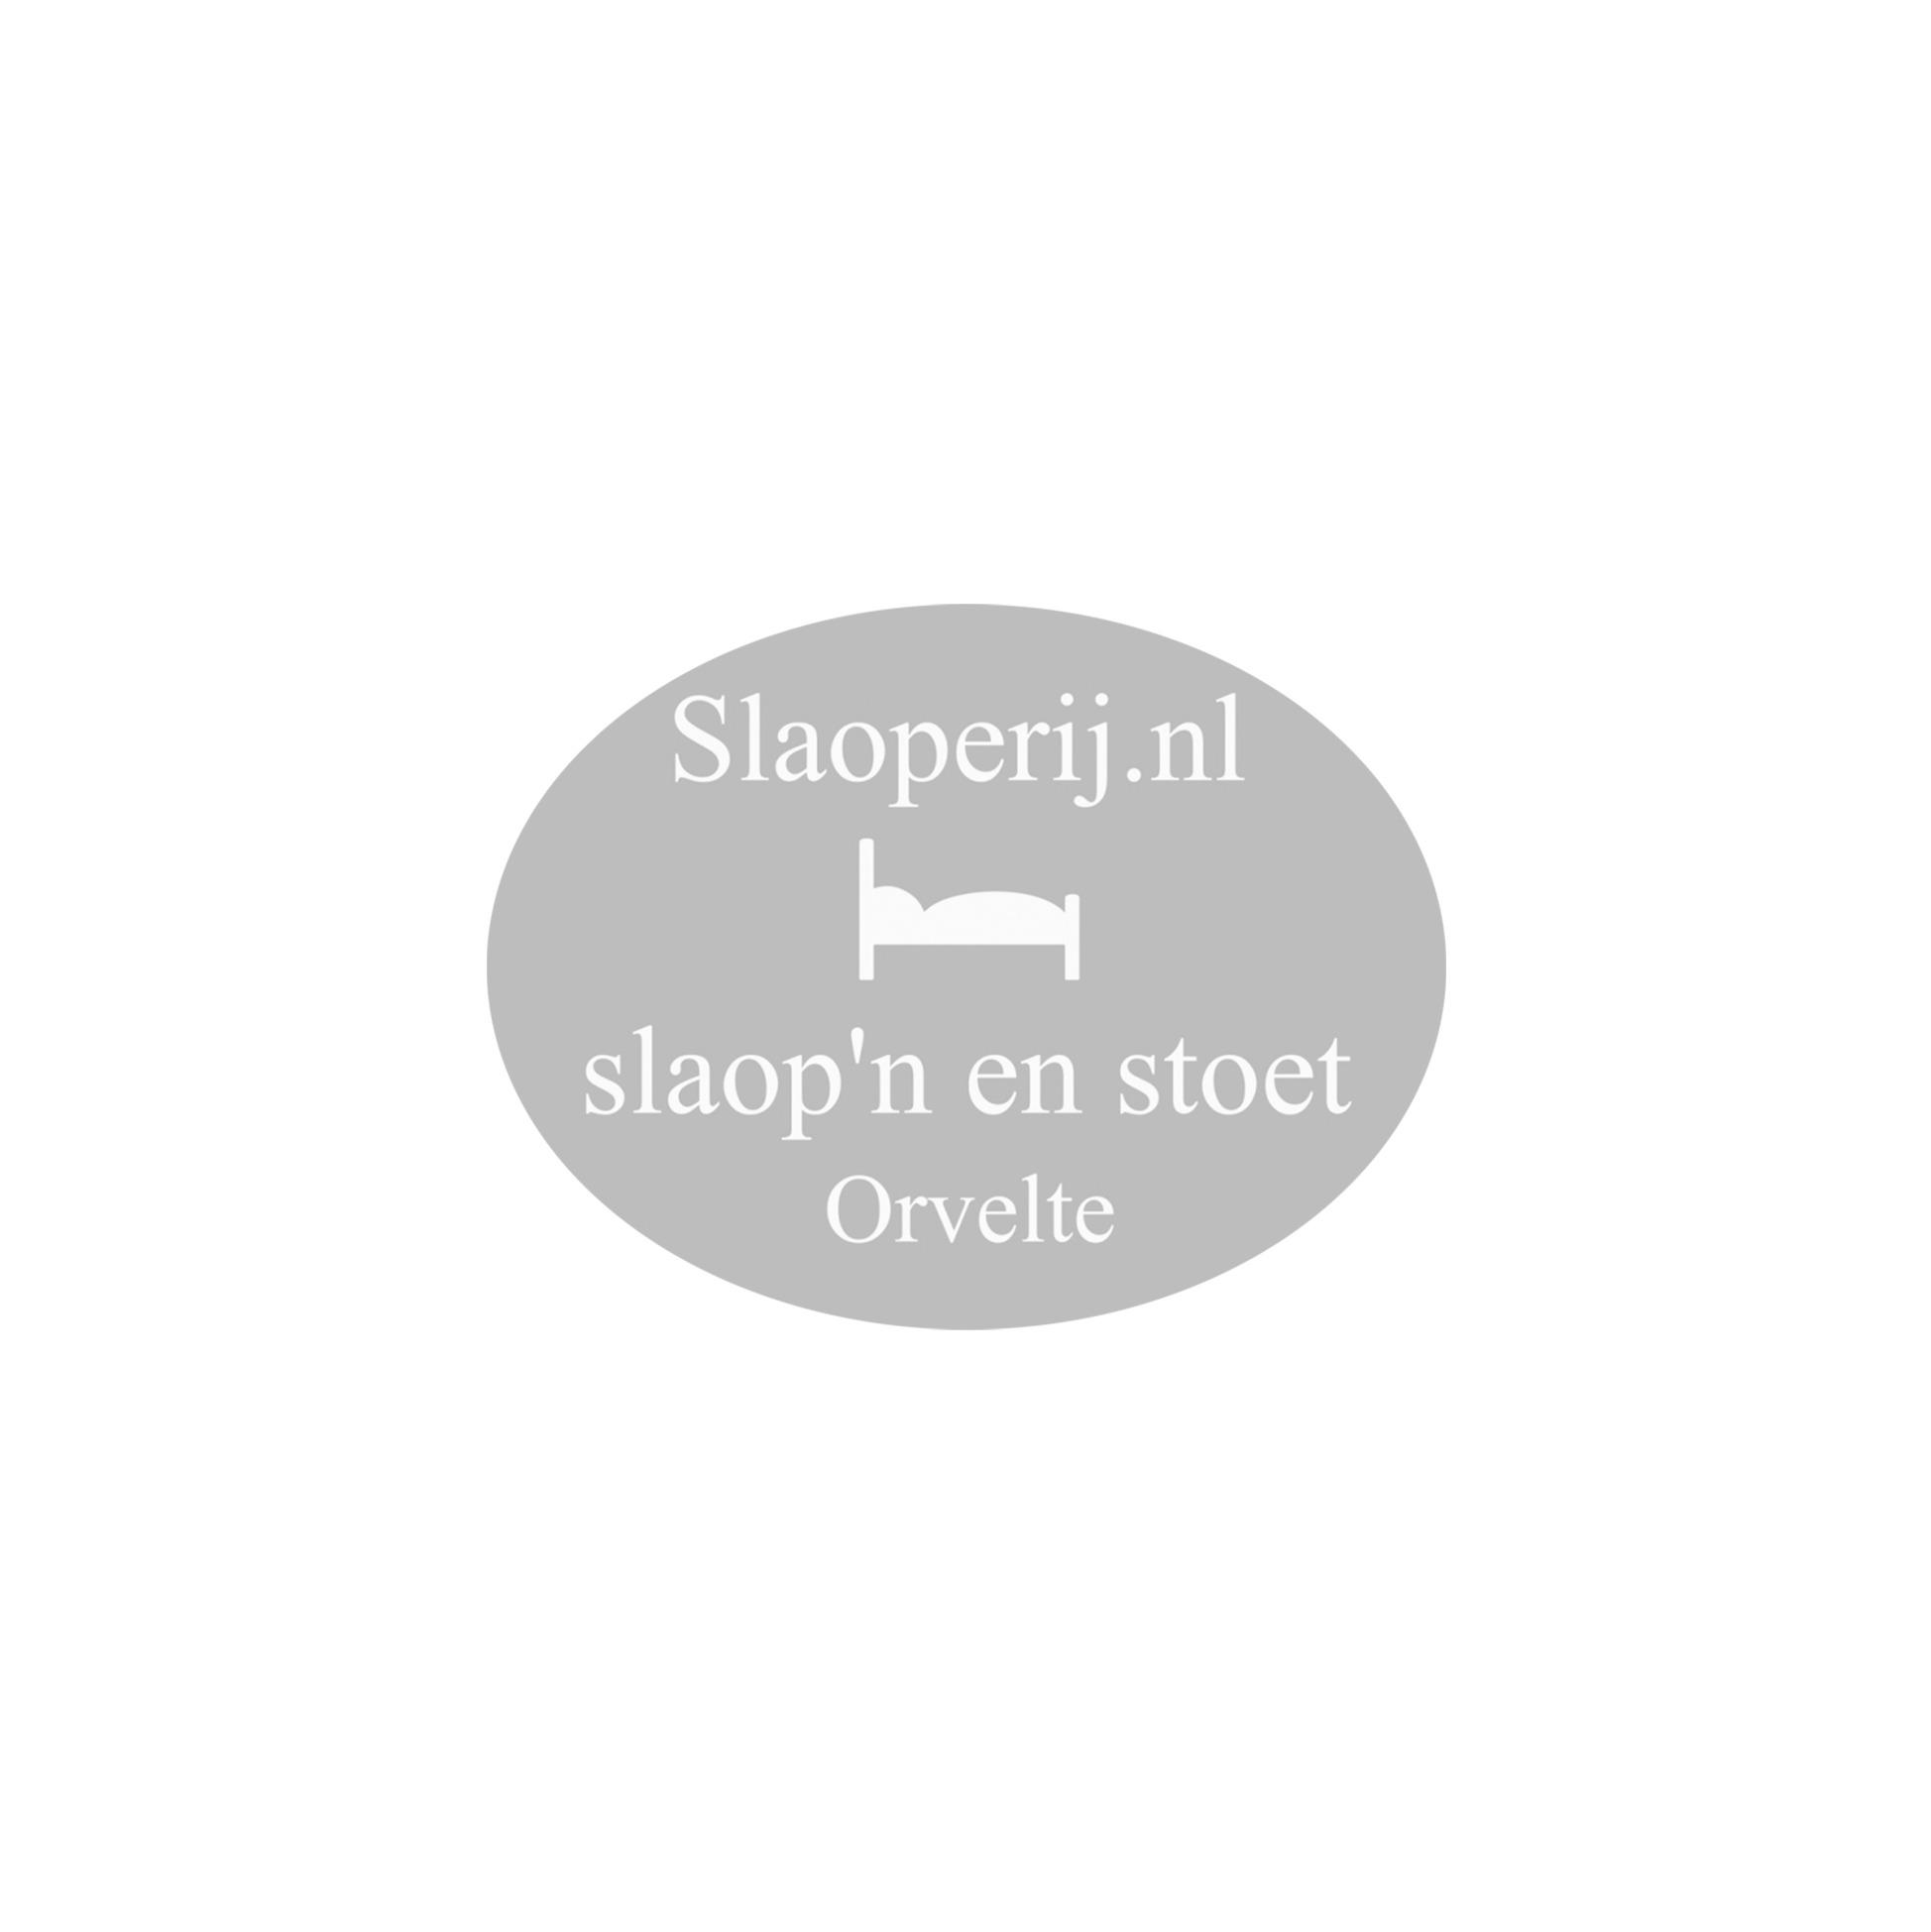 De Slaoperij